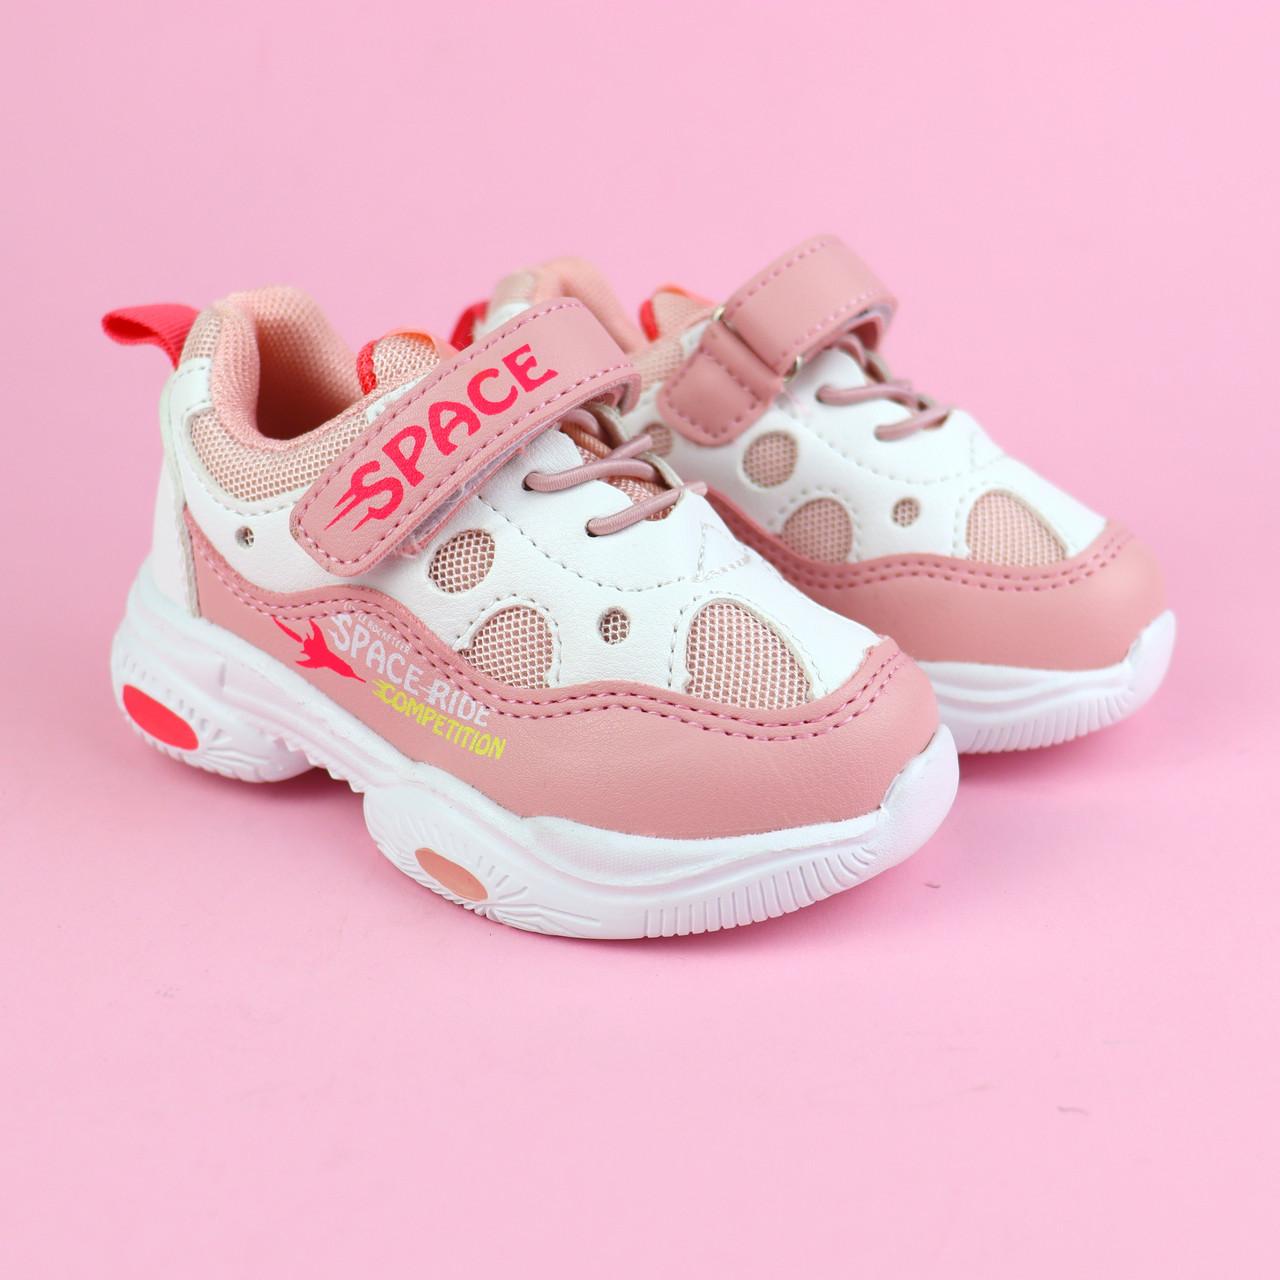 Кросівки для дівчинки тм Тому.м рожеві розмір 21,22,23,24